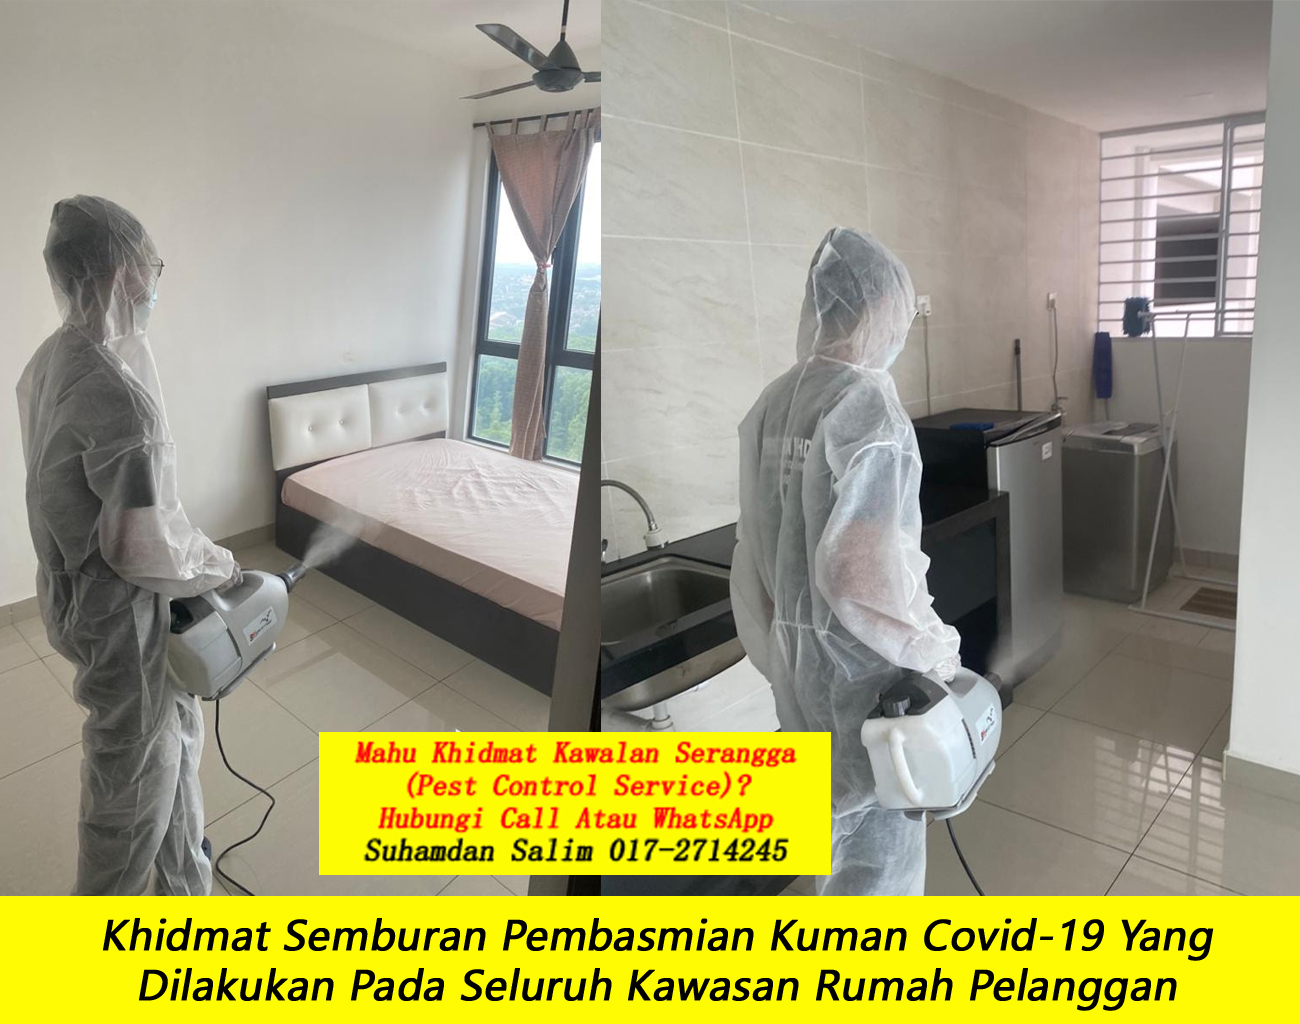 khidmat sanitizing membasmi kuman Covid-19 Disinfection Service semburan sanitize covid 19 paling berkesan dengan harga berpatutan the best service covid-19 Kampung Datuk Keramat kl